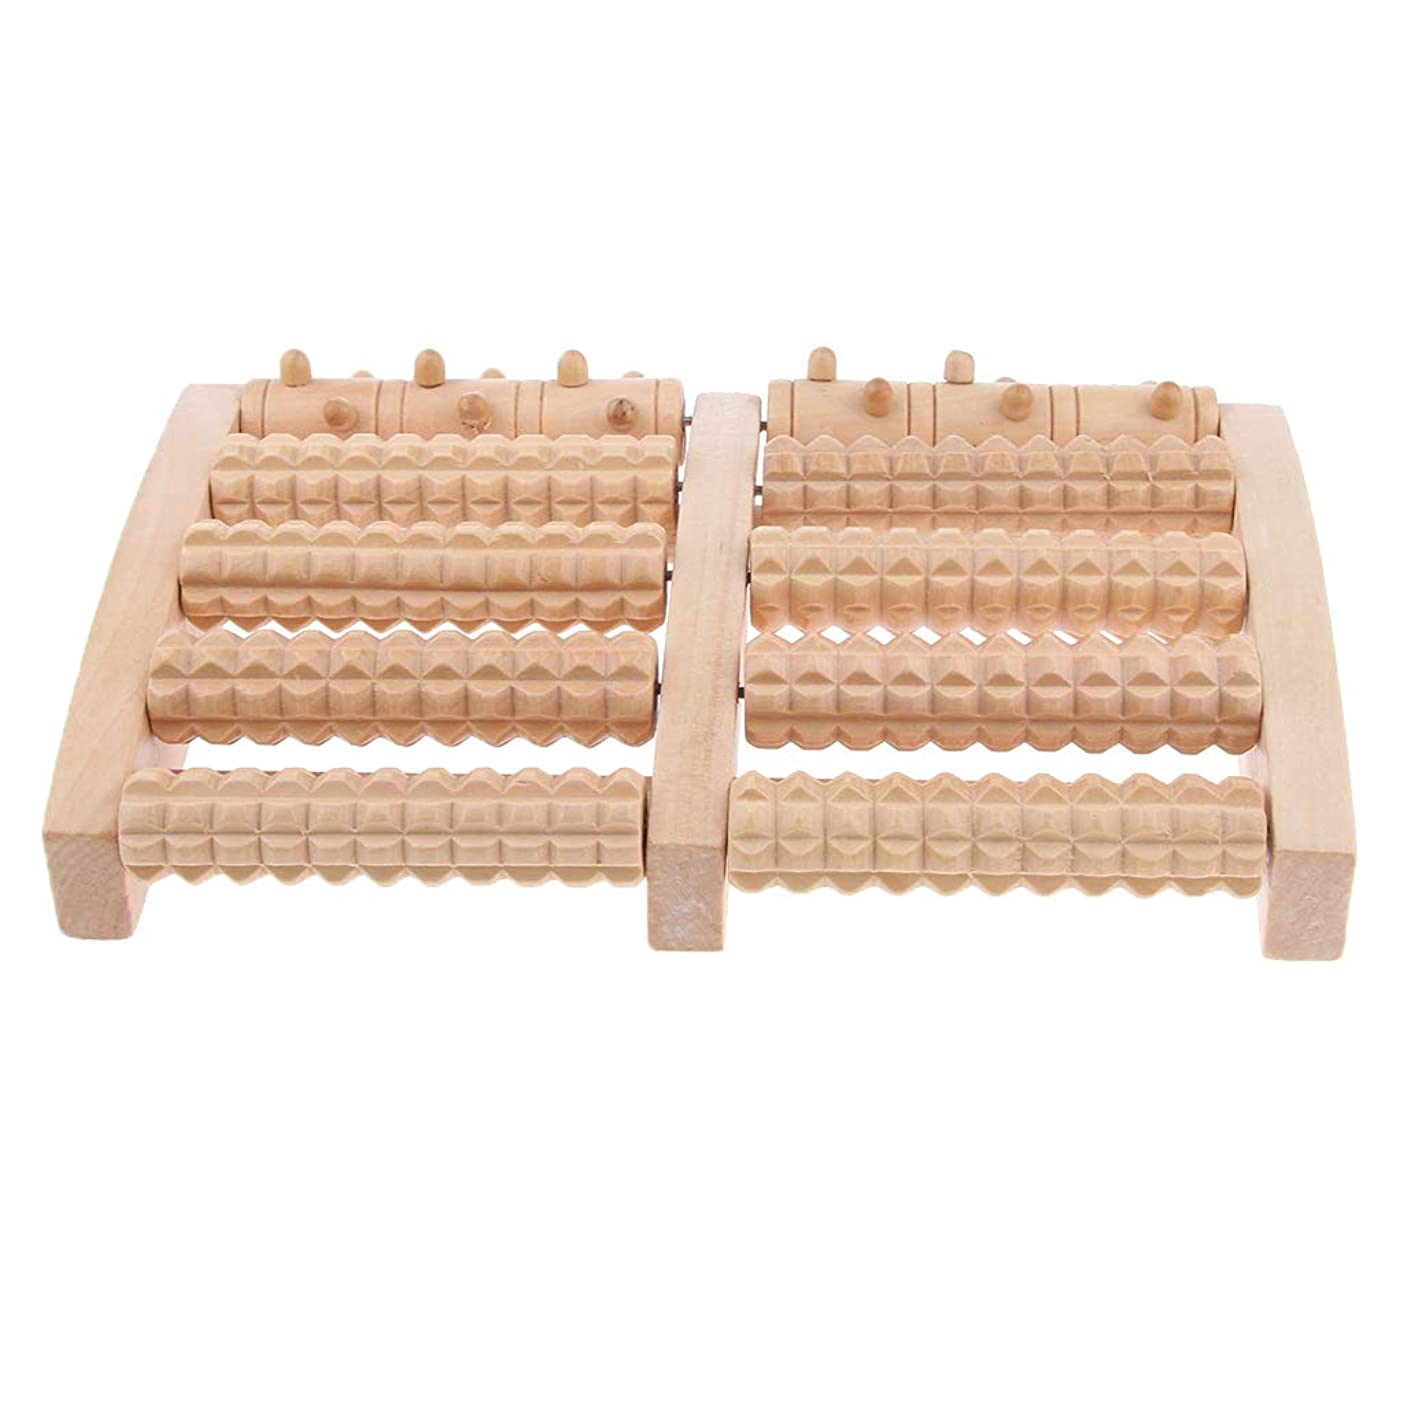 建築コーヒーパキスタンD DOLITY マッサージローラー 工芸 自然木製 足踏み フットローラー ツボ押し リラックス 健康器具 2種選ぶ - 約27x16.4x3.8cm, 27cm